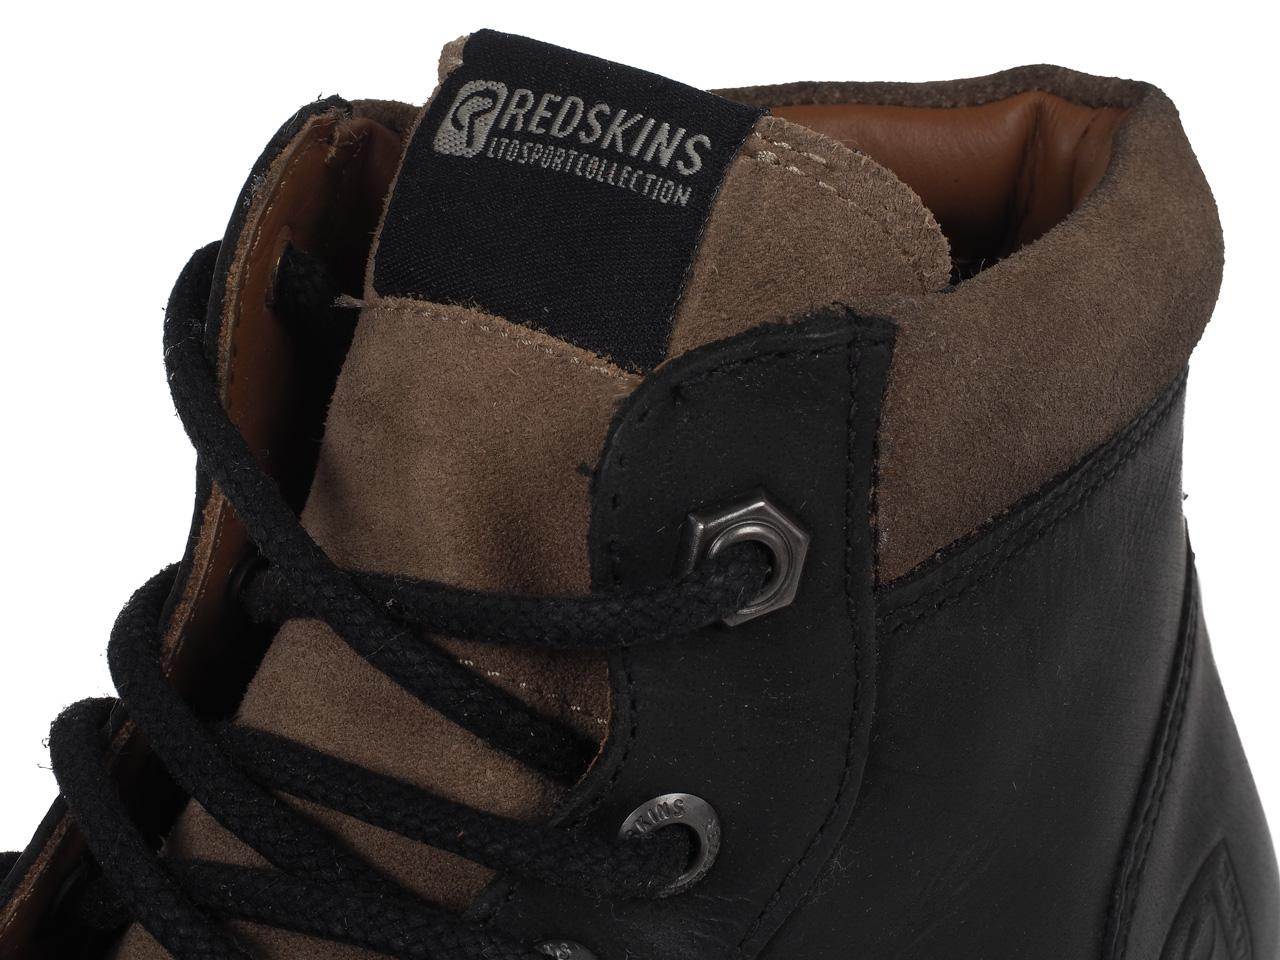 Schuhe-Mode-Stadt-Redskins-Babylon-Schwarz-Taupe-Schwarz-41250-Neu Indexbild 2